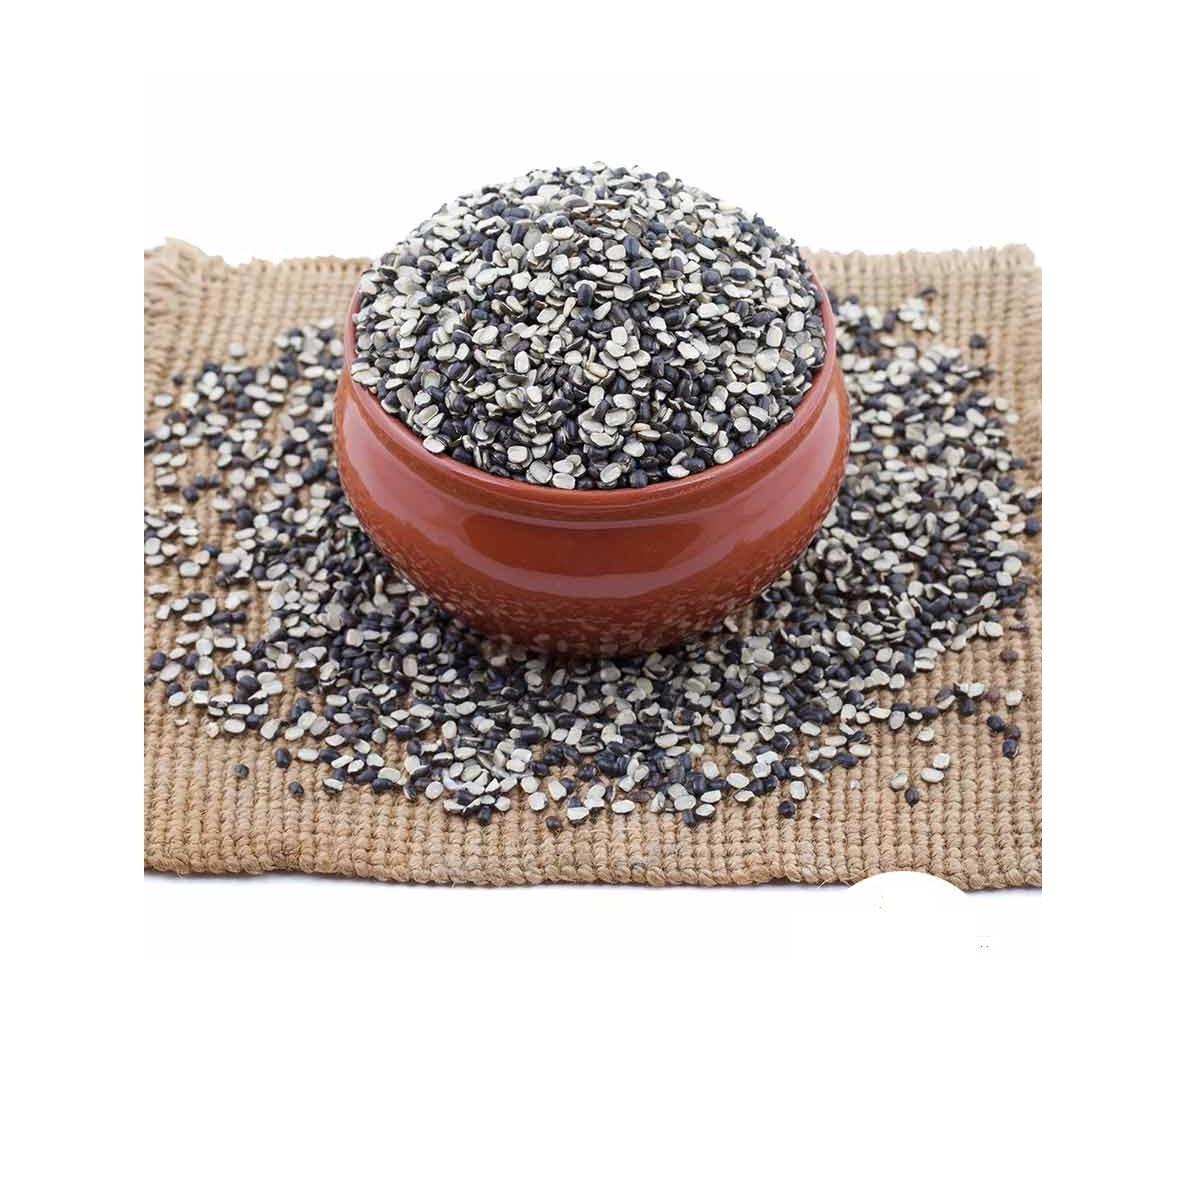 Urad Dal Black Lentils Split Devbhoomi Naturals